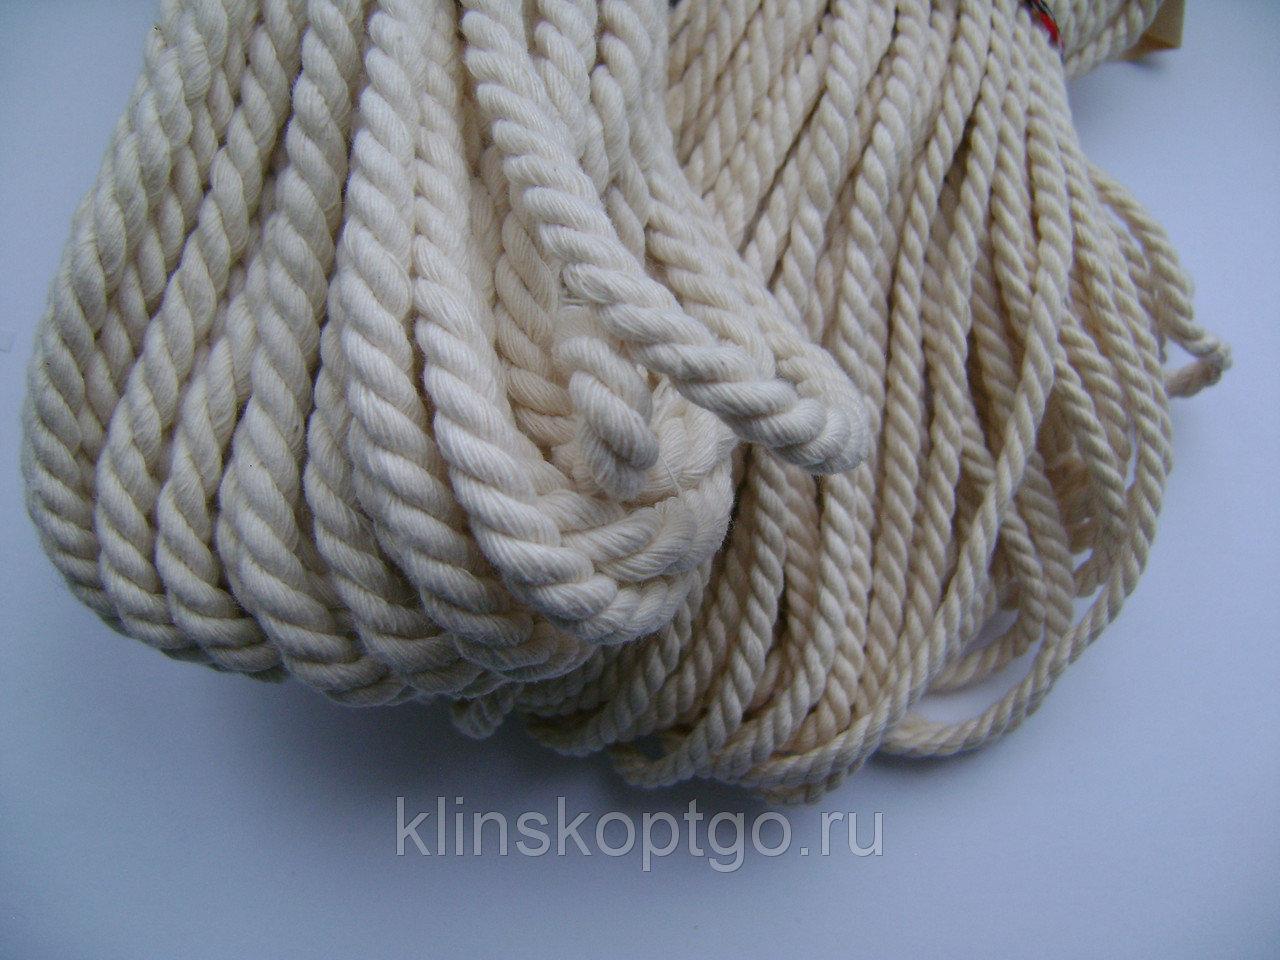 Шнур витой шелковый для вымпелов хб 3,4,5 мм